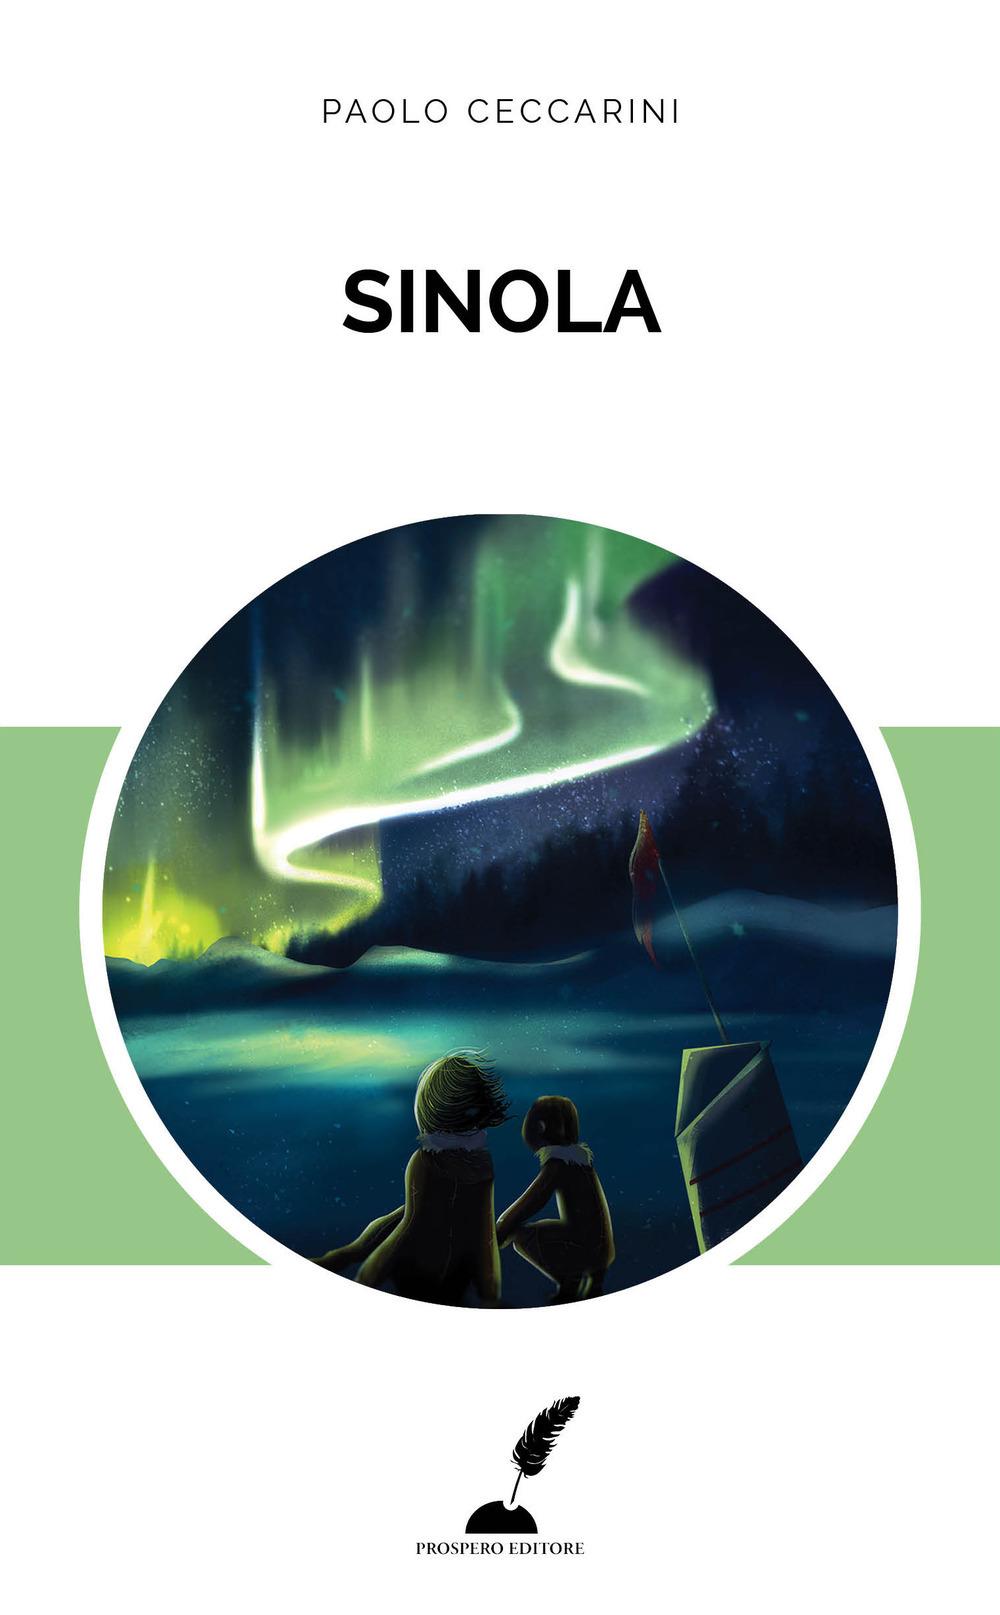 Sinola, di Paolo Ceccarini (Prospero, 2017) 1 - fanzine